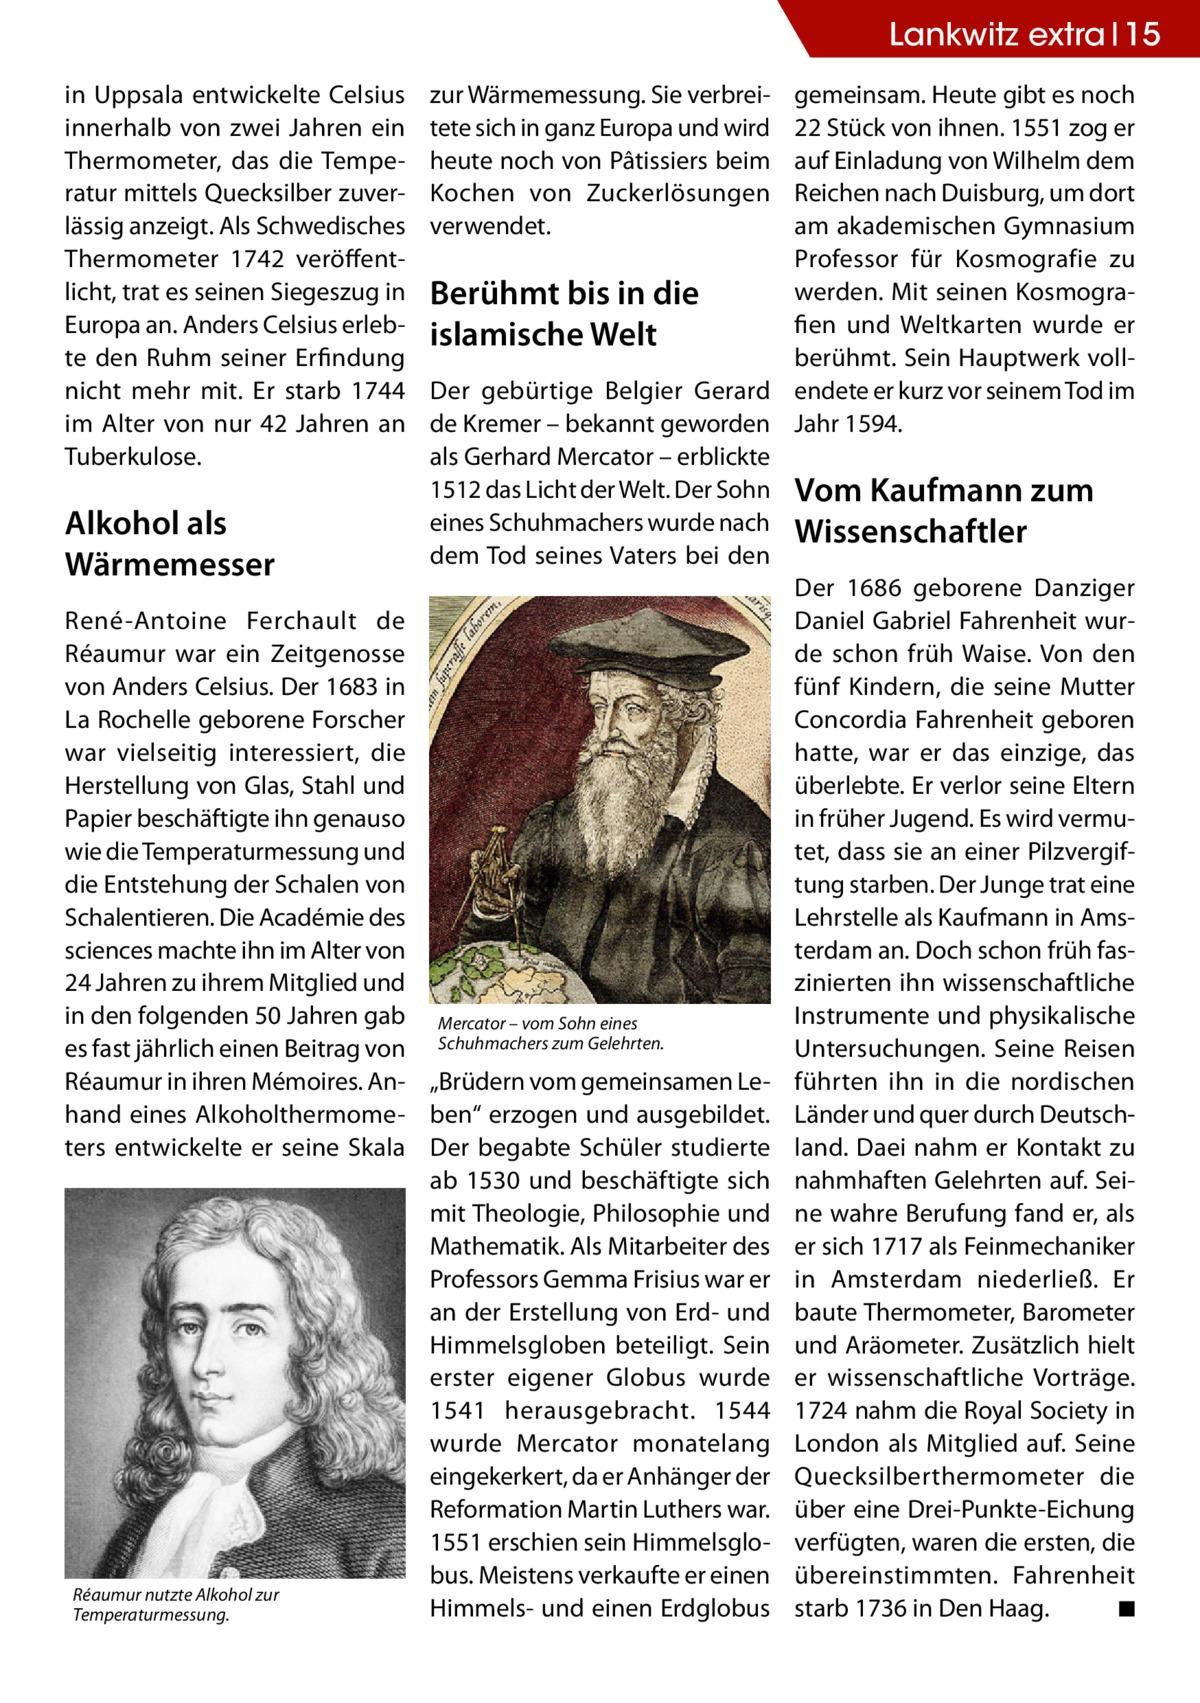 Lankwitz extra 15 in Uppsala entwickelte Celsius innerhalb von zwei Jahren ein Thermometer, das die Temperatur mittels Quecksilber zuverlässig anzeigt. Als Schwedisches Thermometer 1742 veröffentlicht, trat es seinen Siegeszug in Europa an. Anders Celsius erlebte den Ruhm seiner Erfindung nicht mehr mit. Er starb 1744 im Alter von nur 42 Jahren an Tuberkulose.  Alkohol als Wärmemesser René-Antoine Ferchault de Réaumur war ein Zeitgenosse von Anders Celsius. Der 1683 in La Rochelle geborene Forscher war vielseitig interessiert, die Herstellung von Glas, Stahl und Papier beschäftigte ihn genauso wie die Temperaturmessung und die Entstehung der Schalen von Schalentieren. Die Académie des sciences machte ihn im Alter von 24Jahren zu ihrem Mitglied und in den folgenden 50Jahren gab es fast jährlich einen Beitrag von Réaumur in ihren Mémoires. Anhand eines Alkoholthermometers entwickelte er seine Skala  Réaumur nutzte Alkohol zur Temperaturmessung.  zur Wärmemessung. Sie verbreitete sich in ganz Europa und wird heute noch von Pâtissiers beim Kochen von Zuckerlösungen verwendet.  gemeinsam. Heute gibt es noch 22 Stück von ihnen. 1551 zog er auf Einladung von Wilhelm dem Reichen nach Duisburg, um dort am akademischen Gymnasium Professor für Kosmografie zu werden. Mit seinen KosmograBerühmt bis in die fien und Weltkarten wurde er islamische Welt berühmt. Sein Hauptwerk vollDer gebürtige Belgier Gerard endete er kurz vor seinem Tod im de Kremer – bekannt geworden Jahr 1594. als Gerhard Mercator – erblickte 1512 das Licht der Welt. Der Sohn Vom Kaufmann zum eines Schuhmachers wurde nach Wissenschaftler dem Tod seines Vaters bei den Der 1686 geborene Danziger Daniel Gabriel Fahrenheit wurde schon früh Waise. Von den fünf Kindern, die seine Mutter Concordia Fahrenheit geboren hatte, war er das einzige, das überlebte. Er verlor seine Eltern in früher Jugend. Es wird vermutet, dass sie an einer Pilzvergiftung starben. Der Junge trat eine Lehrstelle als Kaufmann in Amsterdam an. Do